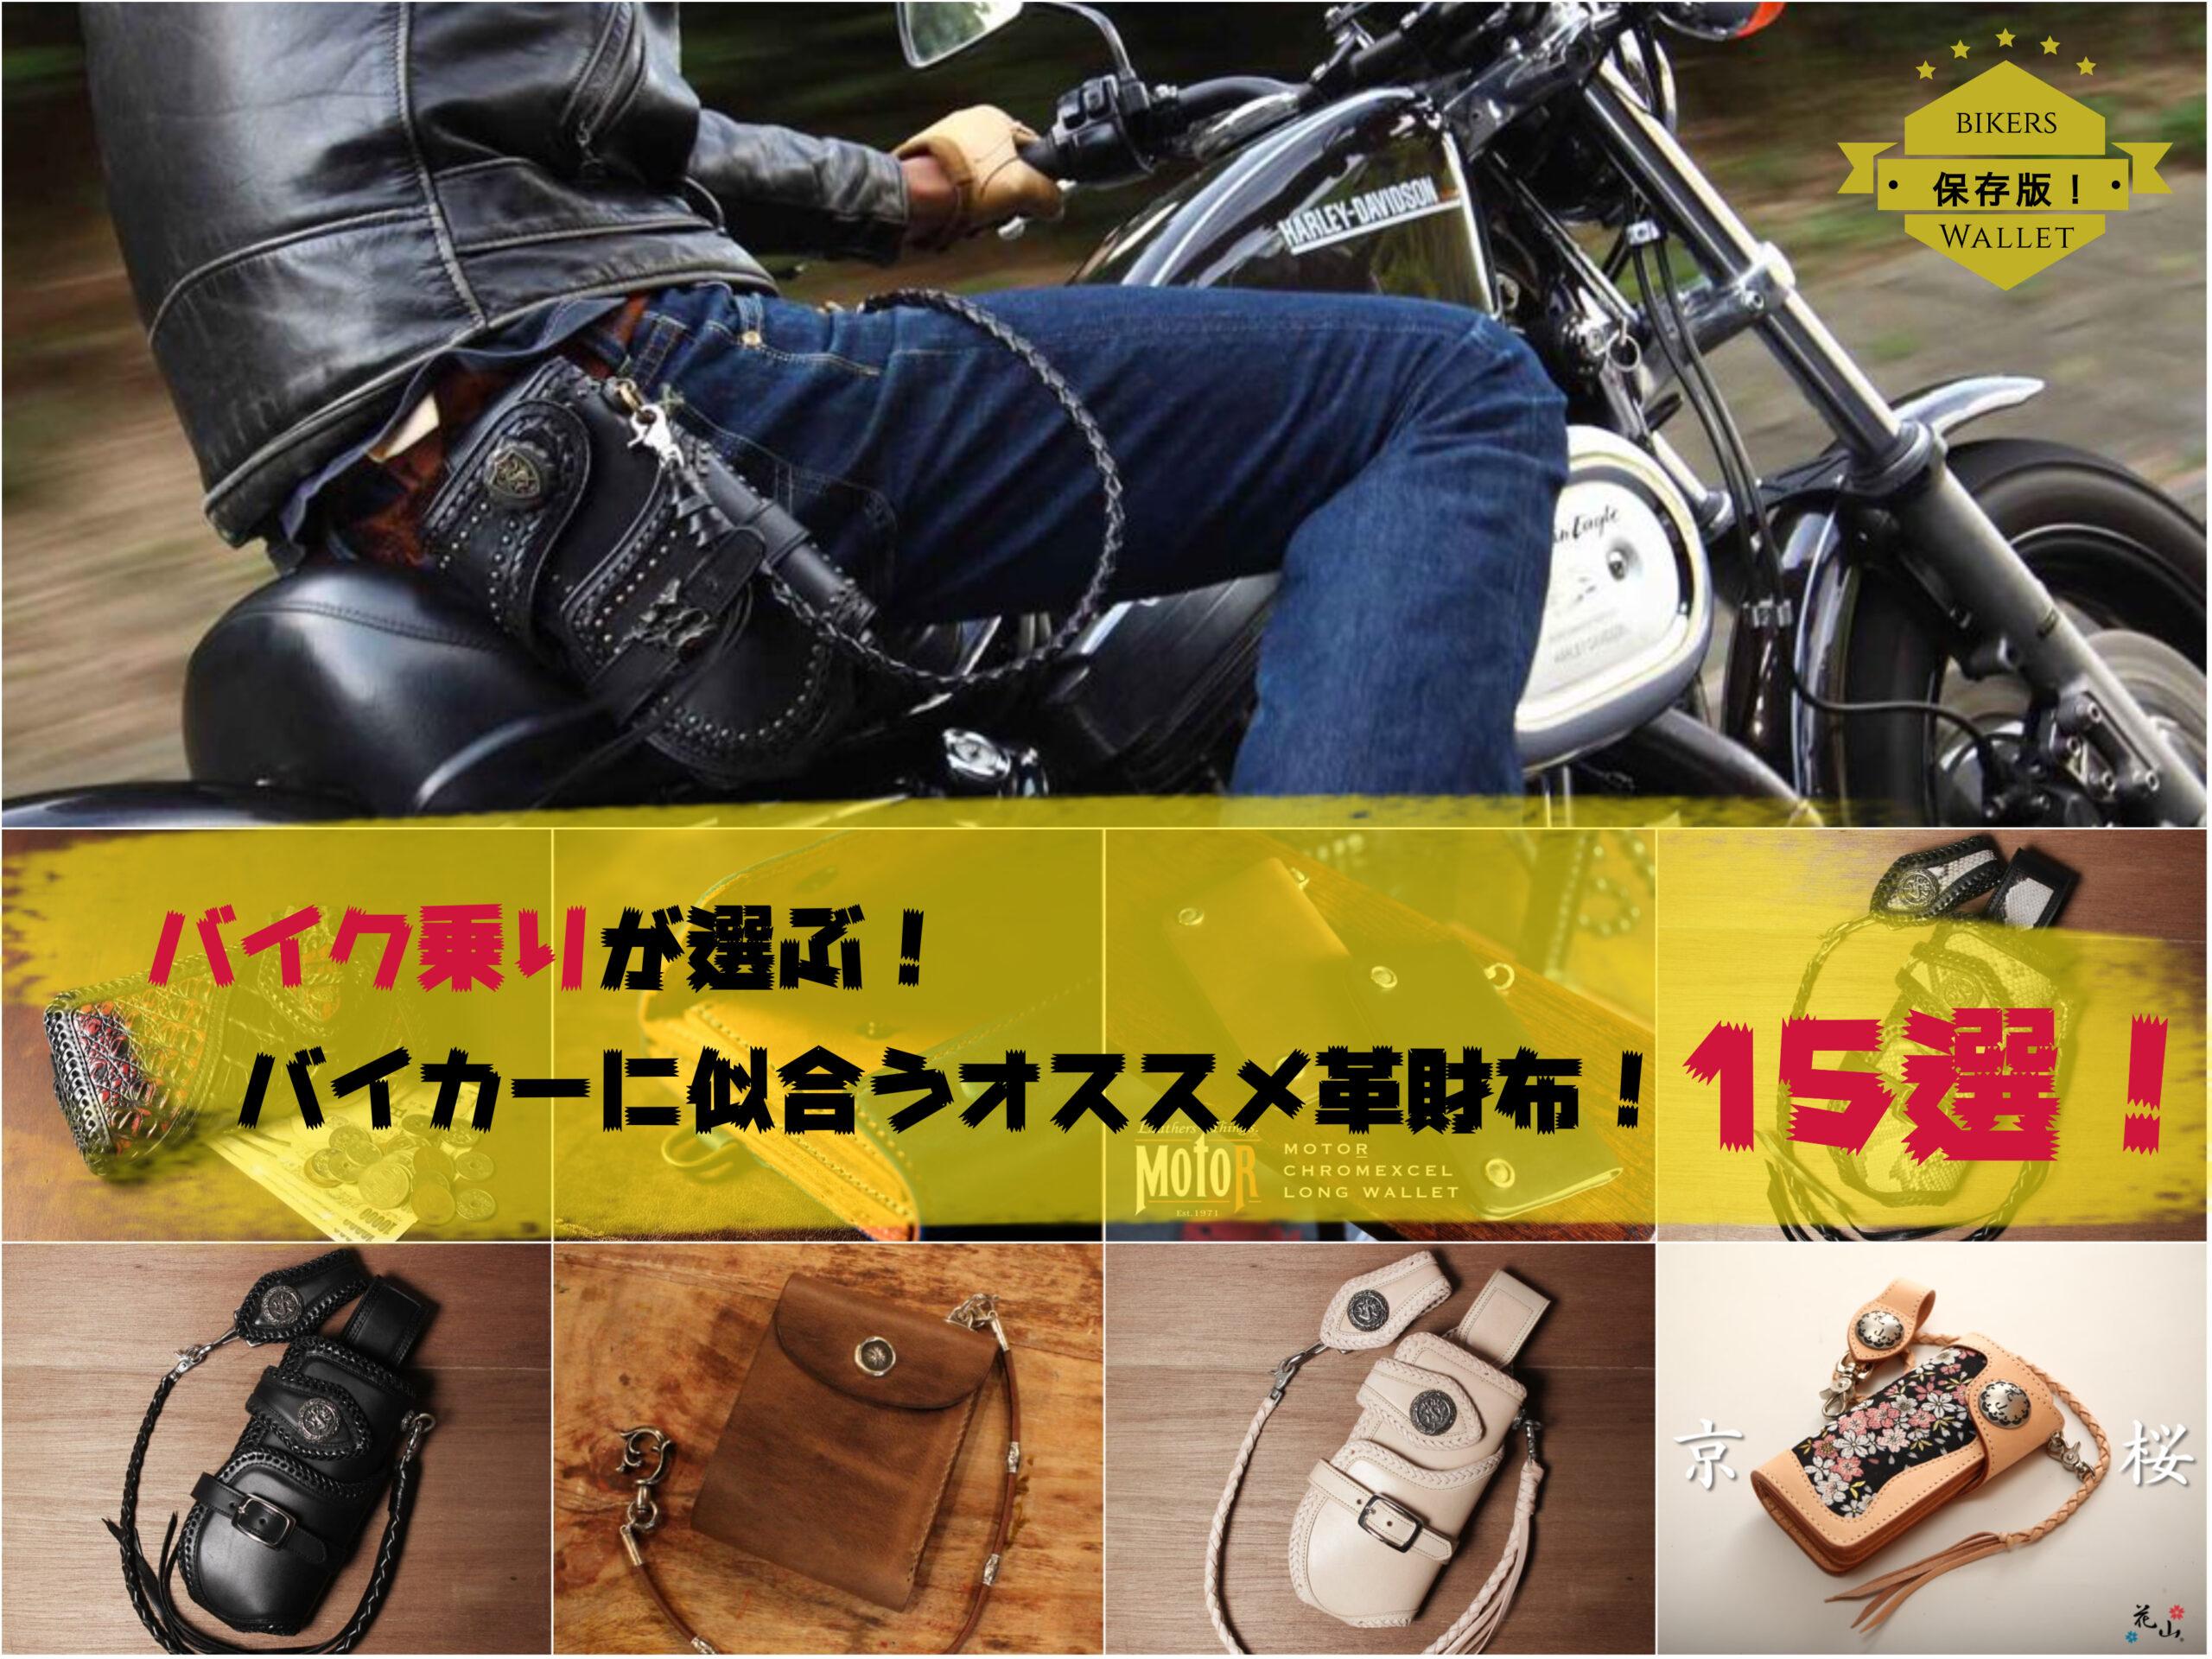 バイク乗りが選ぶ!バイカーに似合うオススメ革財布15選!